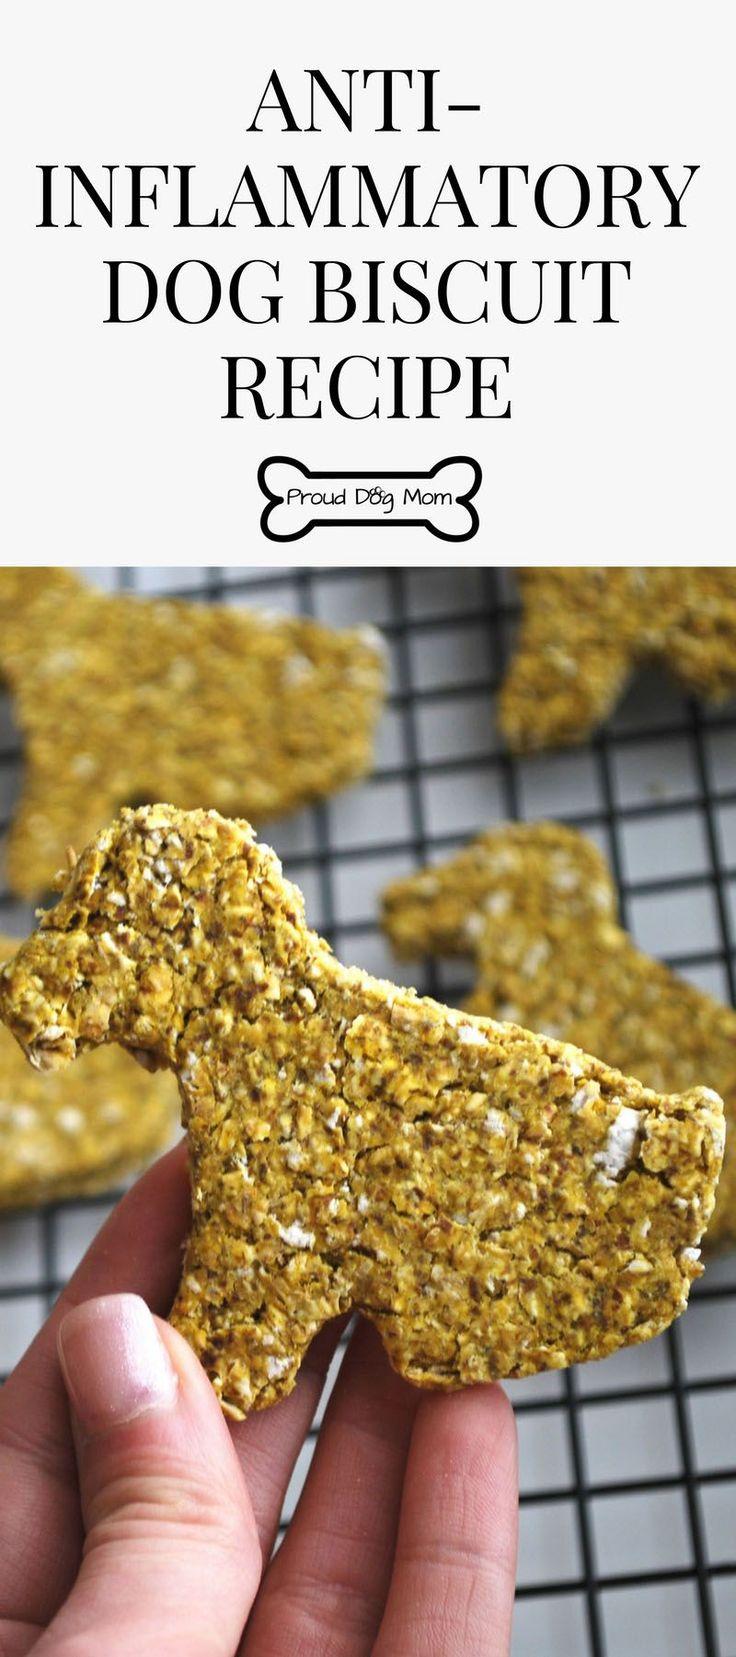 Anti-Inflammatory Dog Biscuit Recipe | Homemade Dog Treats | DIY Dog Treats | Gluten-Free Dog Treat Recipe |